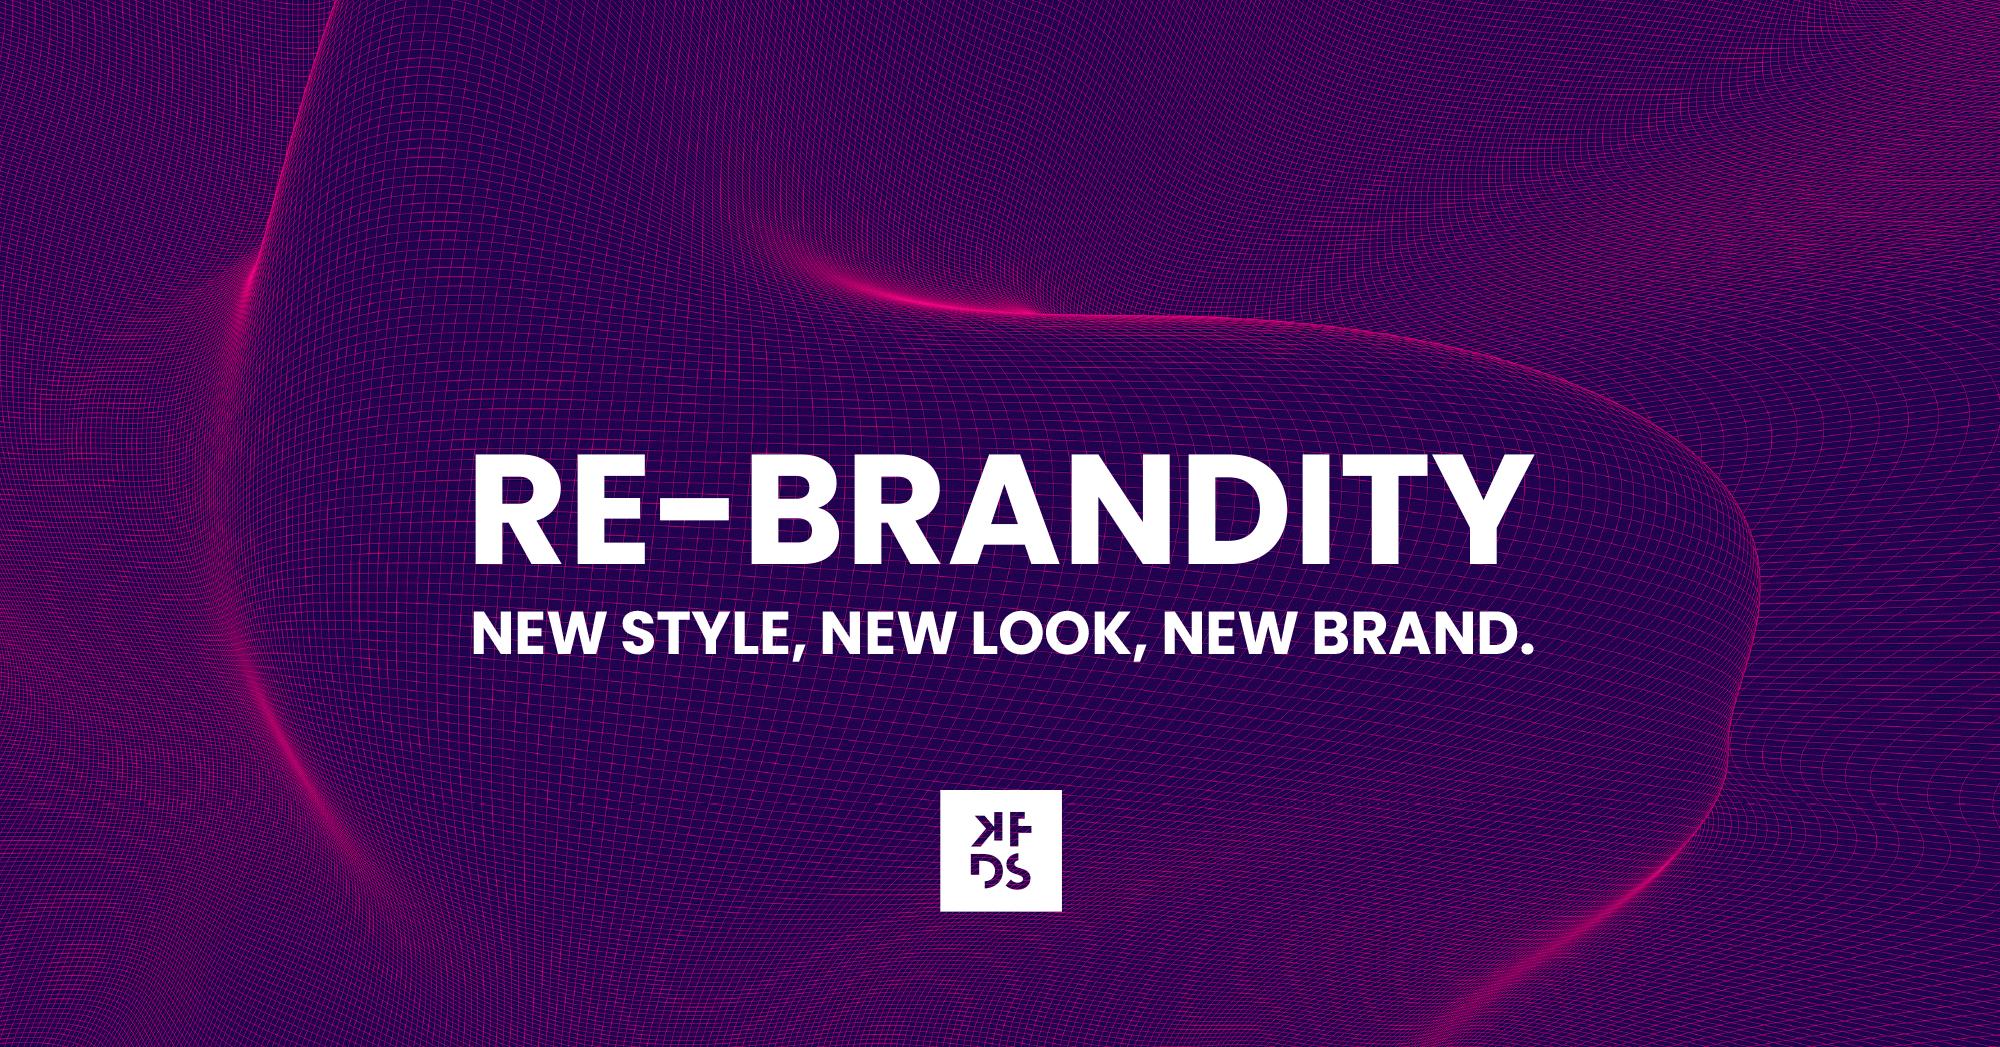 Re-Brandity